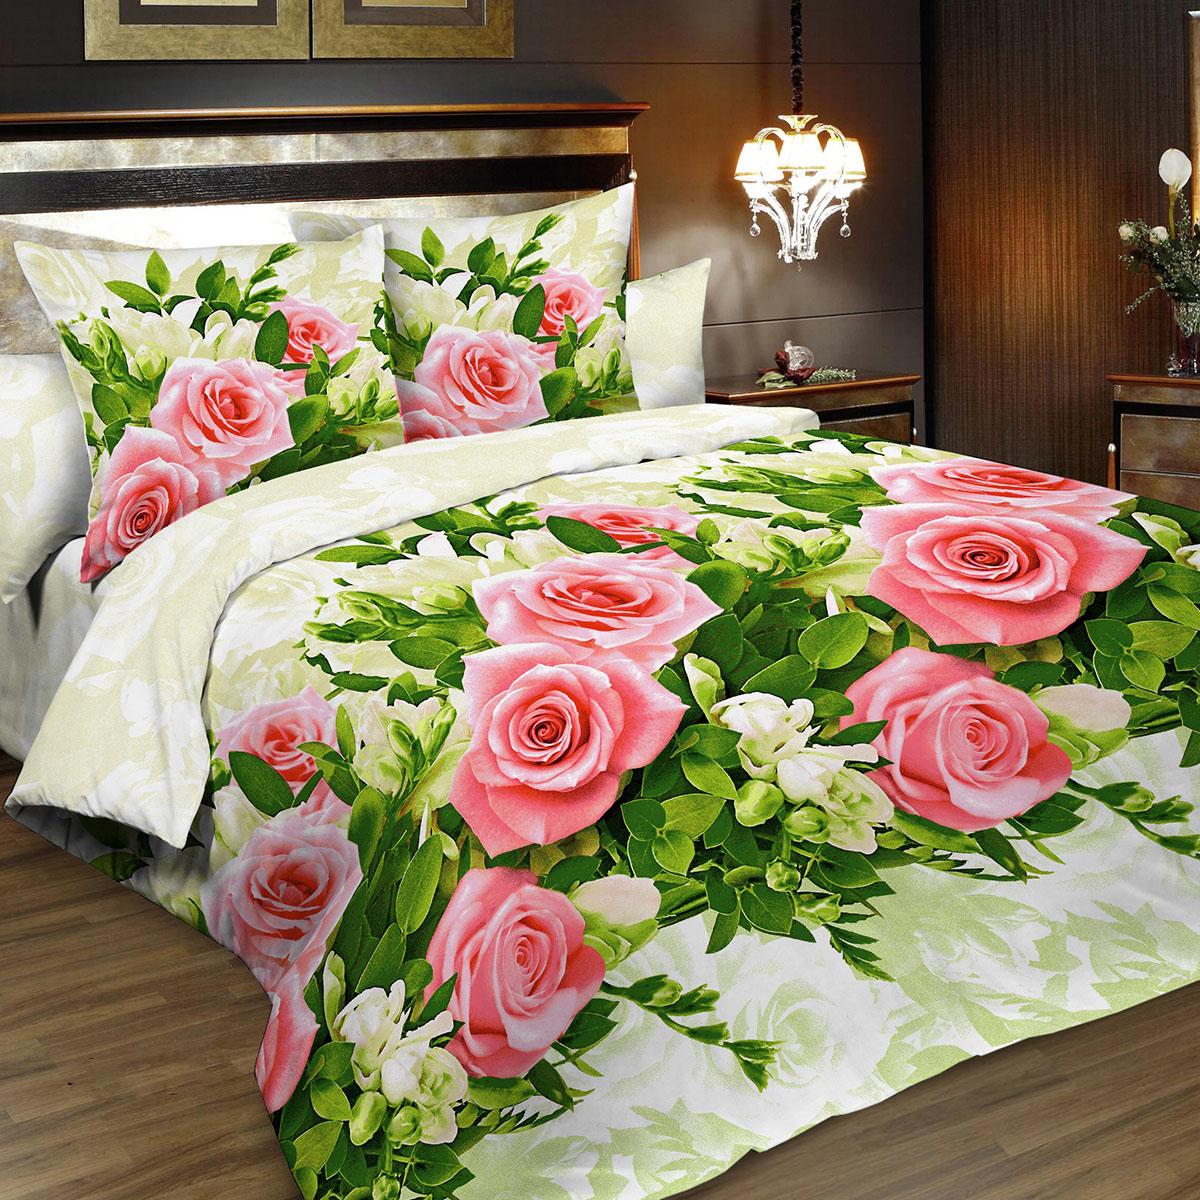 Комплект белья Letto Традиция, 2-спальный, наволочки 70x70, цвет: розовый. B195-4B195-4Комплект белья Letto Традиция, выполненный из бязи (100% хлопка), состоит из пододеяльника, простыни и двух наволочек. Бязь - хлопчатобумажная ткань полотняного переплетения без искусственных добавок. Большое количество нитей делает эту ткань более плотной, более долговечной. Высокая плотность ткани позволяет сохранить форму изделия, его первоначальные размеры и первозданный рисунок. Приобретая комплект постельного белья Letto Традиция, вы можете быть уверенны в том, что покупка доставит вам и вашим близким удовольствие и подарит максимальный комфорт.